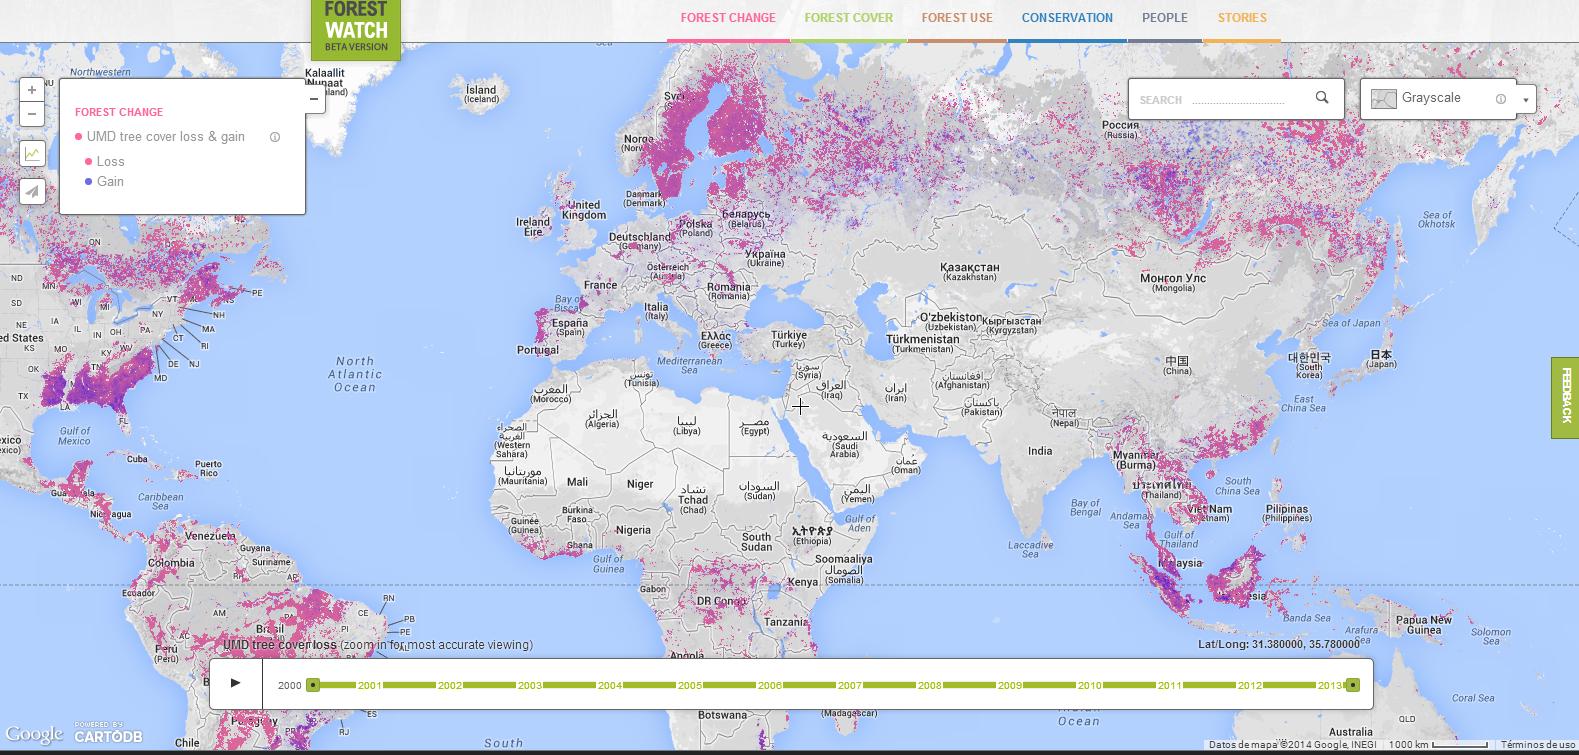 Mapa de Global Forest Watch. En fucsia, las pérdidas arbóreas, y en azul, las ganancias, a lo largo de los años. Fuente: Global Forest Watch.